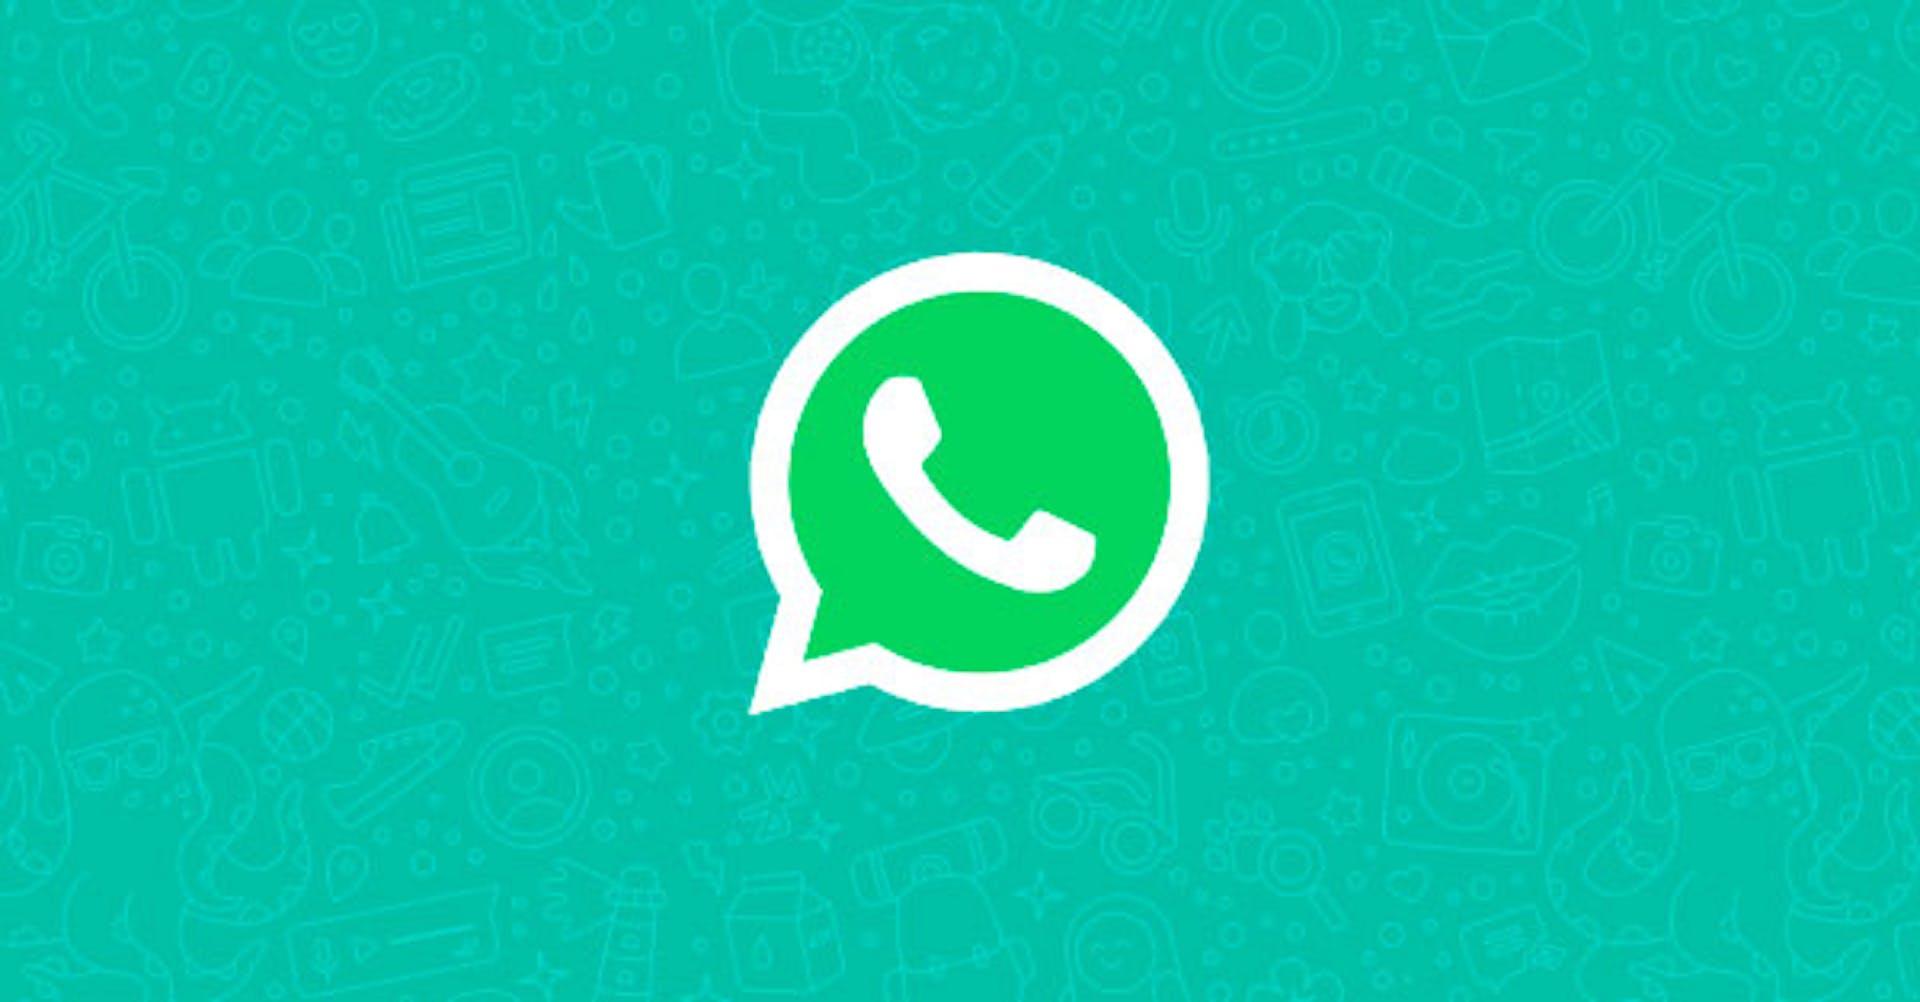 En 2019 Whatsapp tendrá publicidad y otros cambios